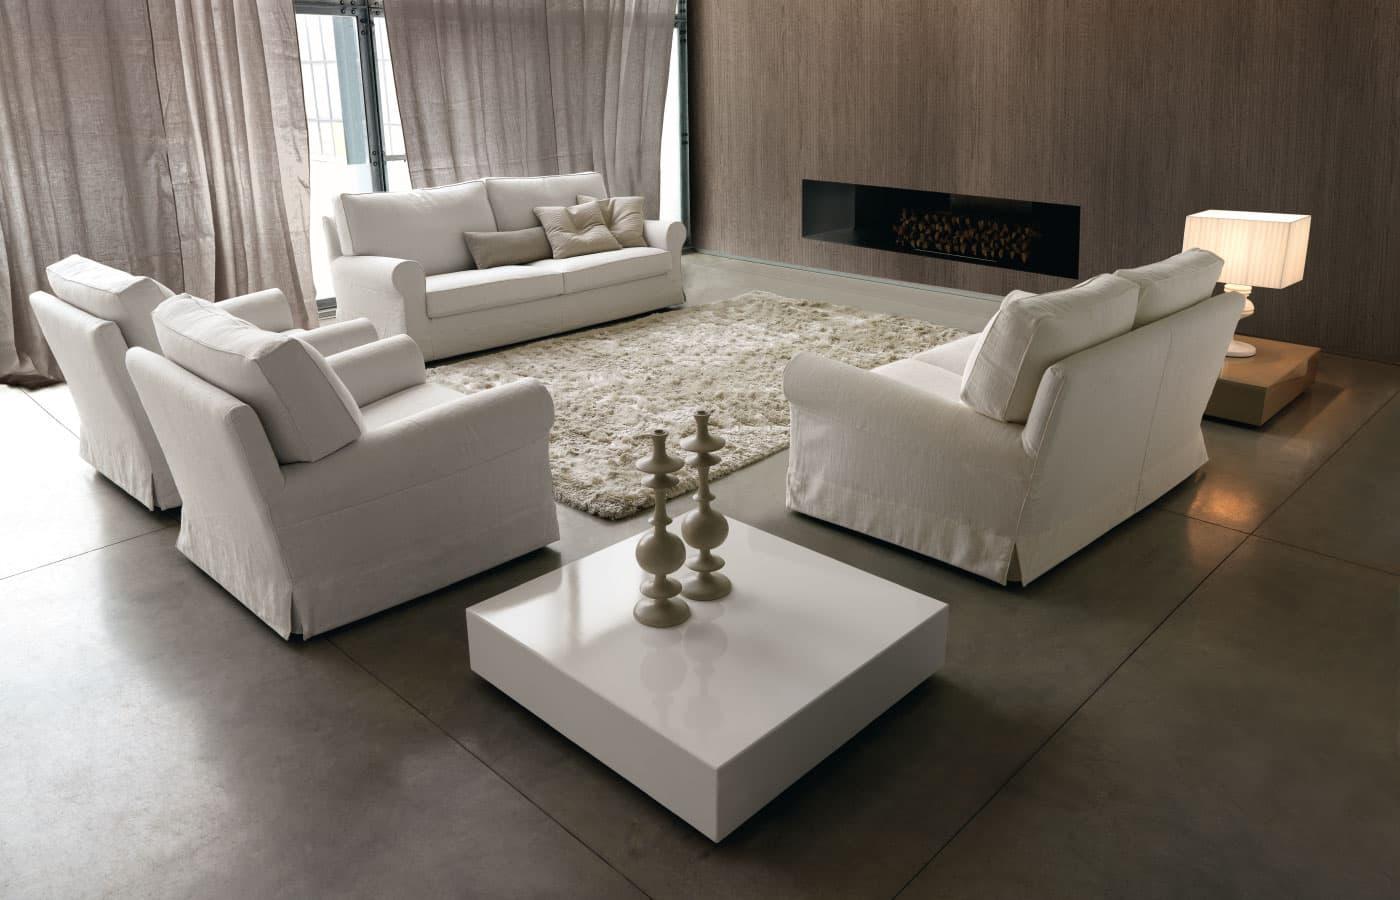 Rivenditori Dema Firenze: acquista il divano dei tuoi sogni da Mobili Marini